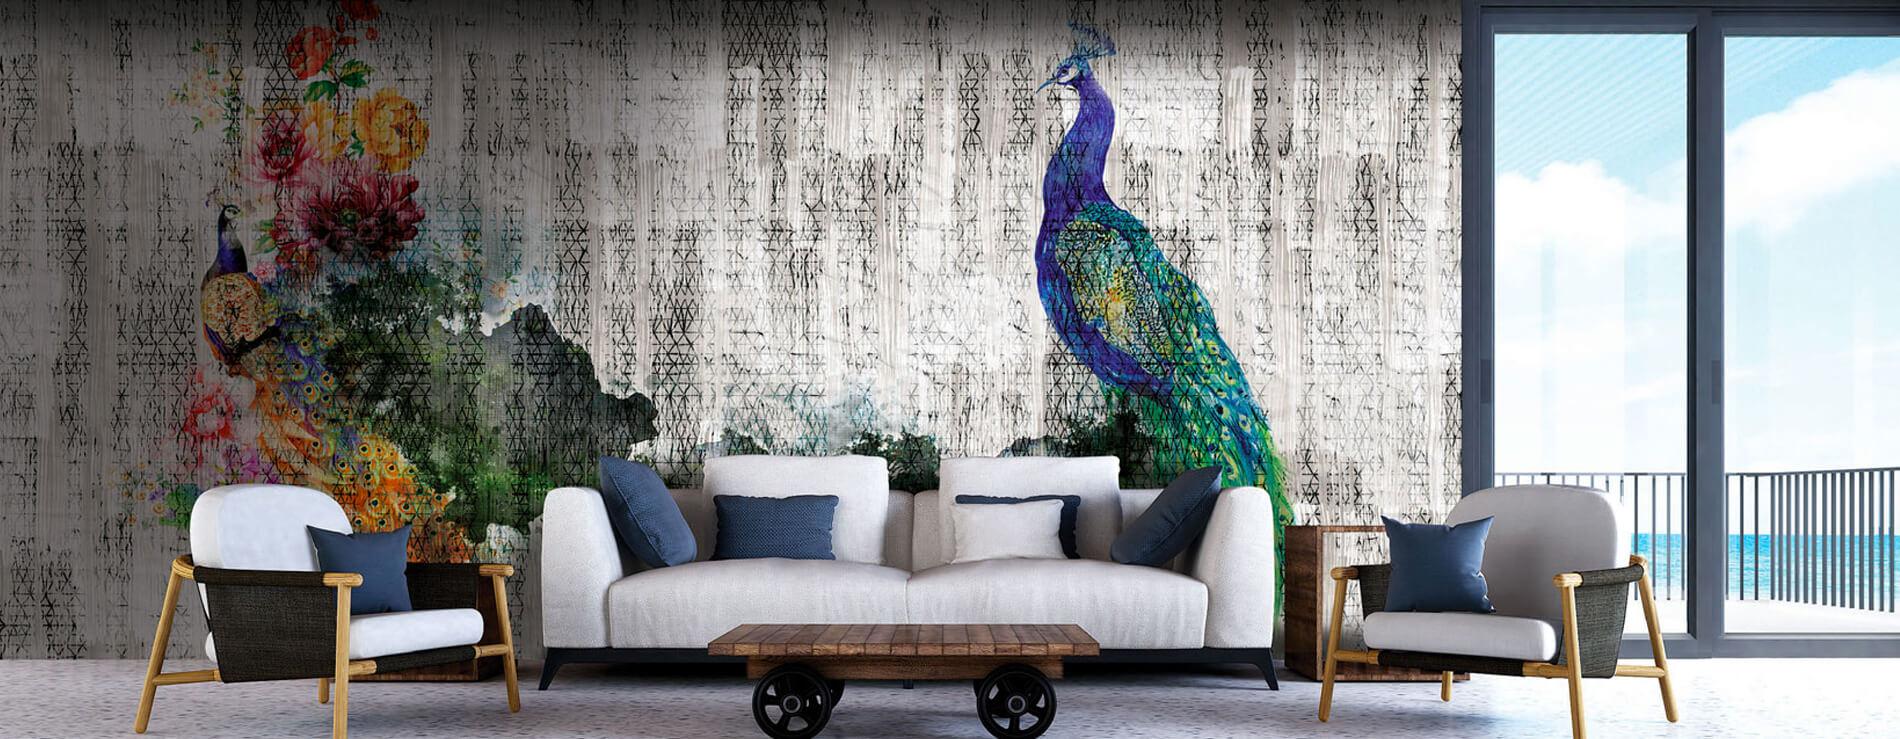 Carta da Parati Peacock di InstableLab